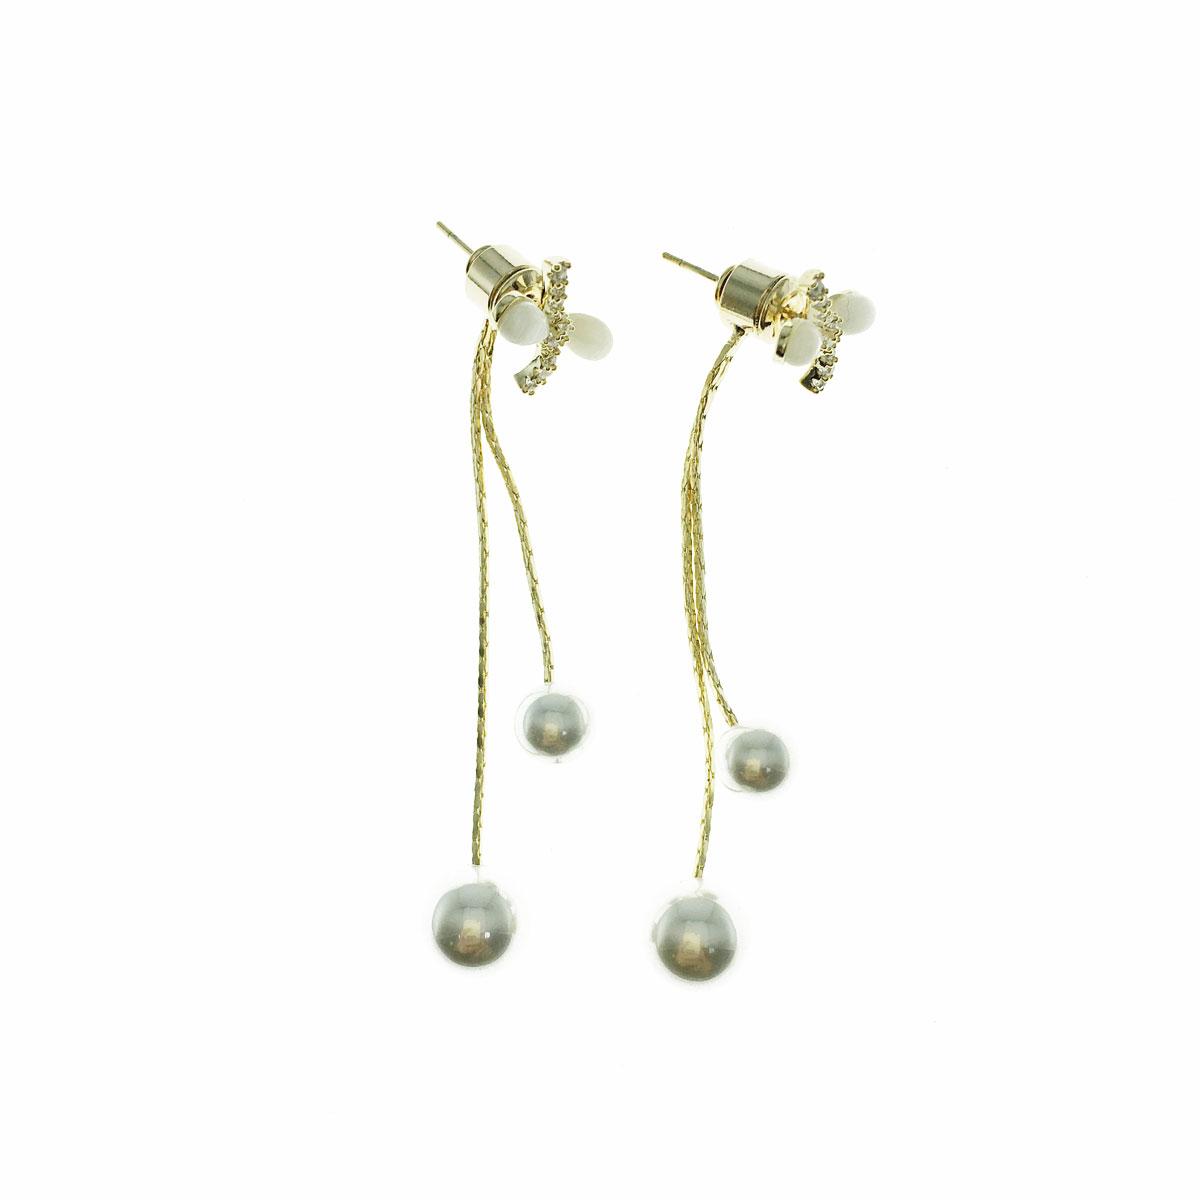 韓國 925純銀 水鑽 珍珠 貓眼 蝴蝶結 後扣式 垂墜感 耳針式 耳環